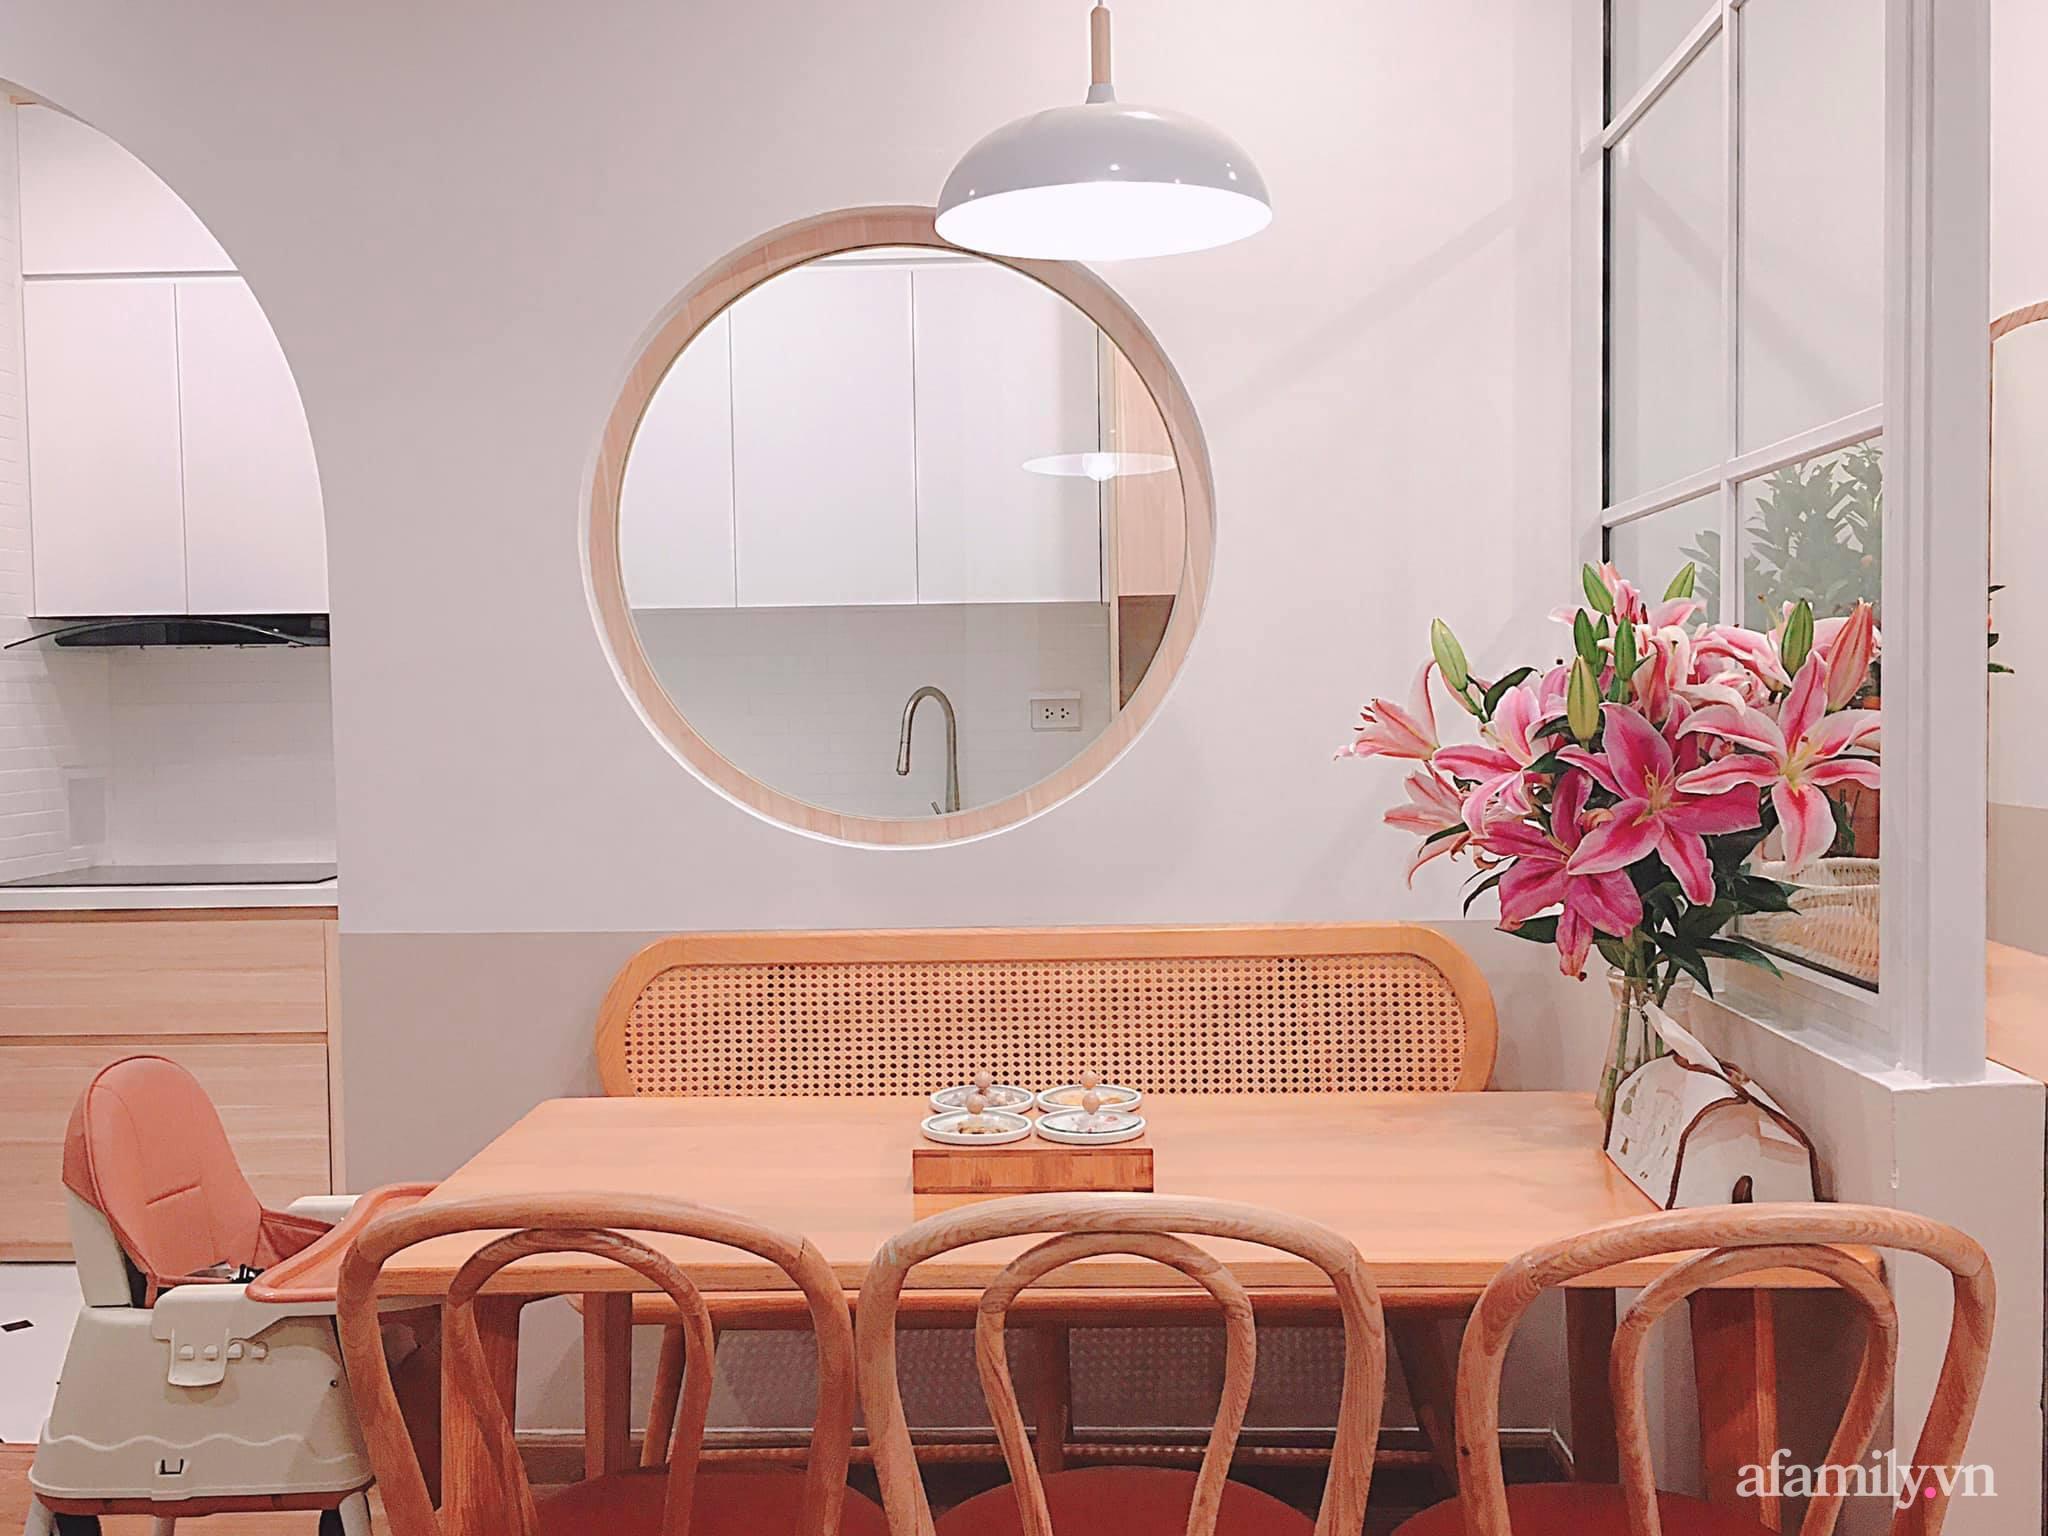 Căn hộ 78m² đẹp tinh tế và tiện dụng với phong cách tối giản của cặp vợ chồng trẻ ở Hà Nội - Ảnh 8.